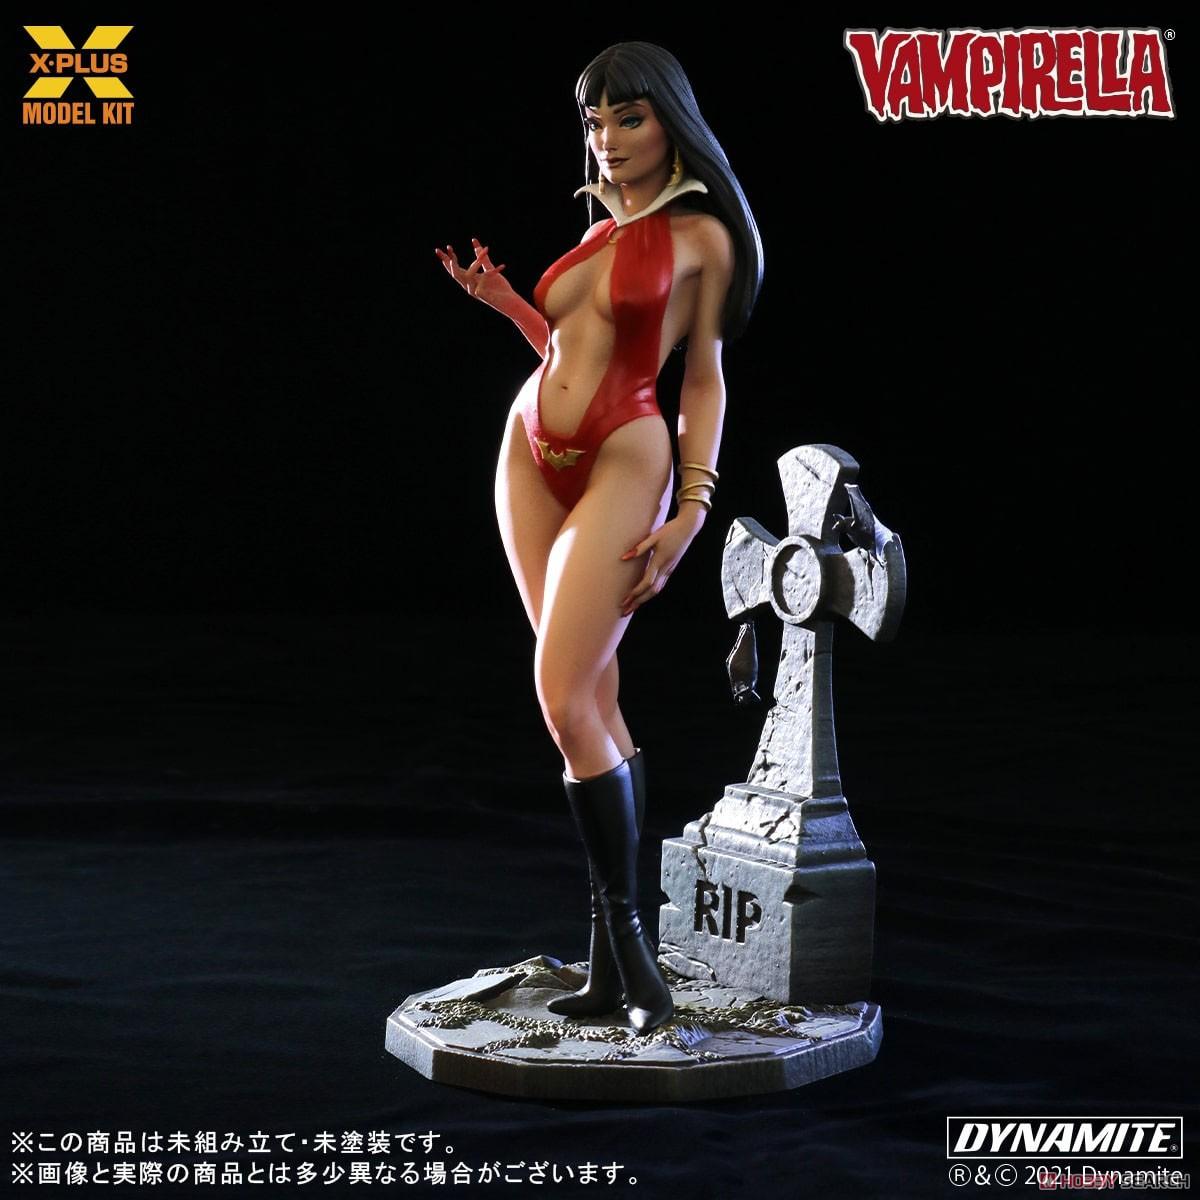 Vampirella『ヴァンピレラ 』1/8スケール プラスチック モデルキット-003